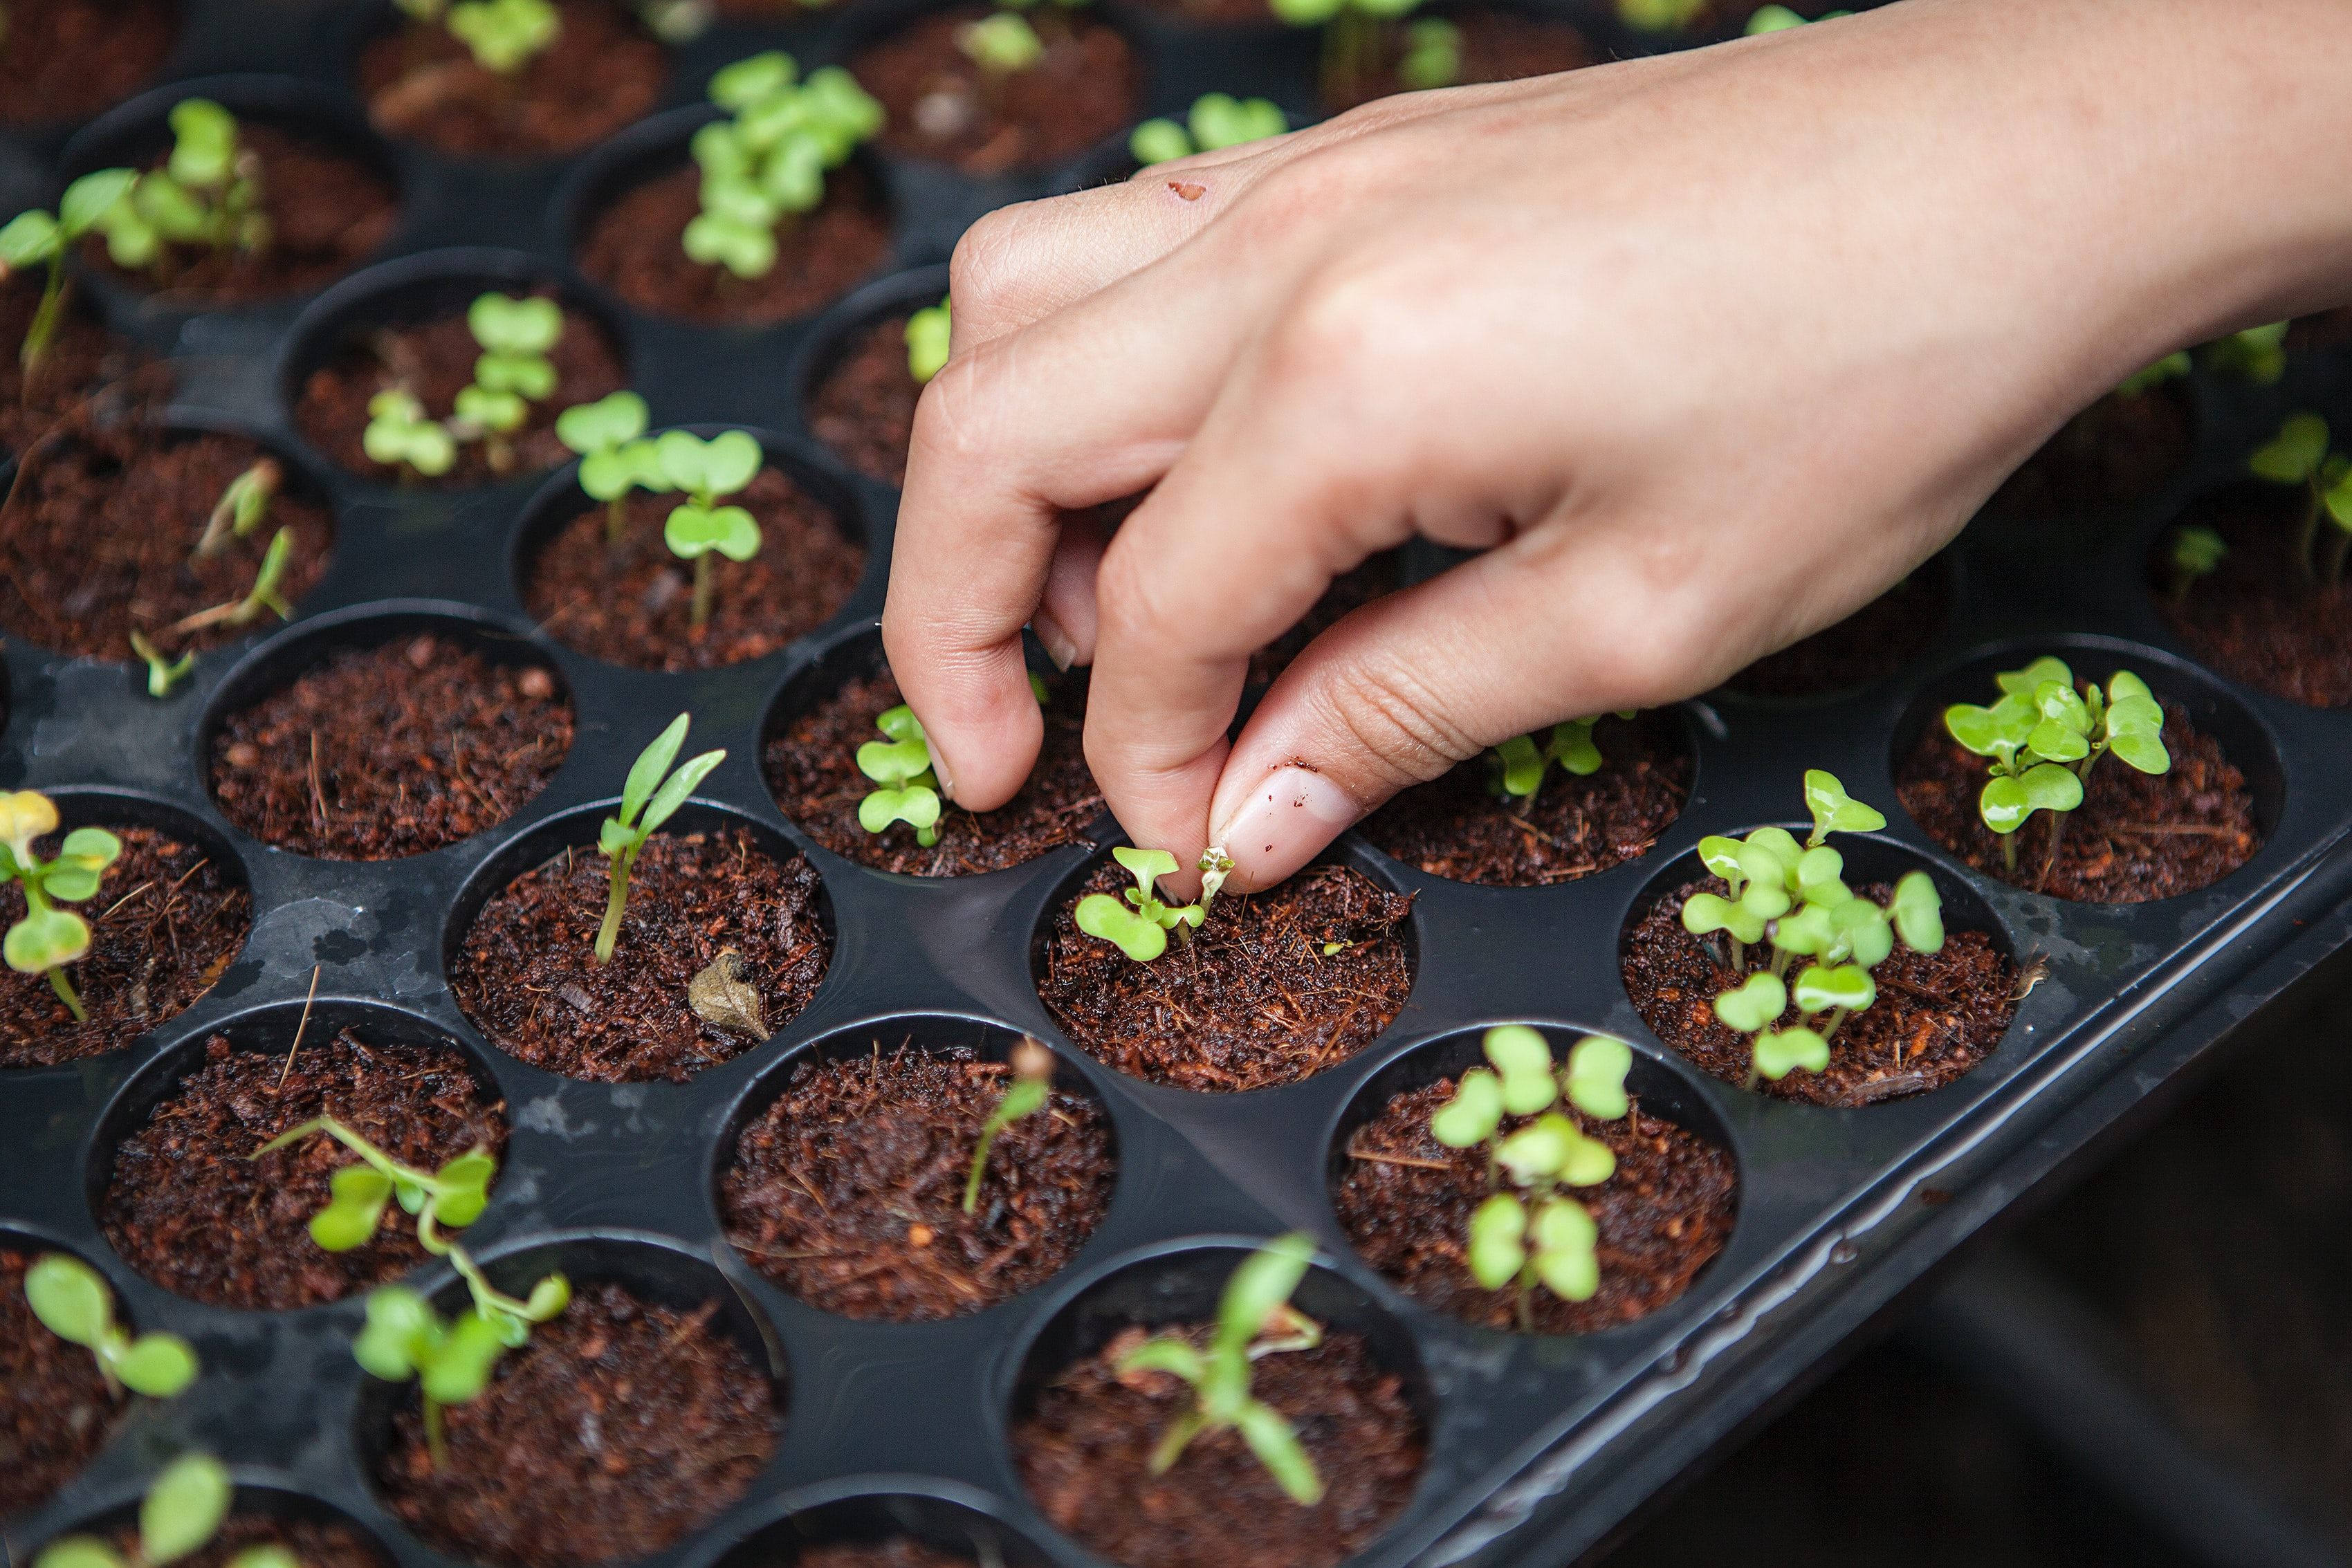 O ideal será começar com algumas ervas aromáticas, por exemplo